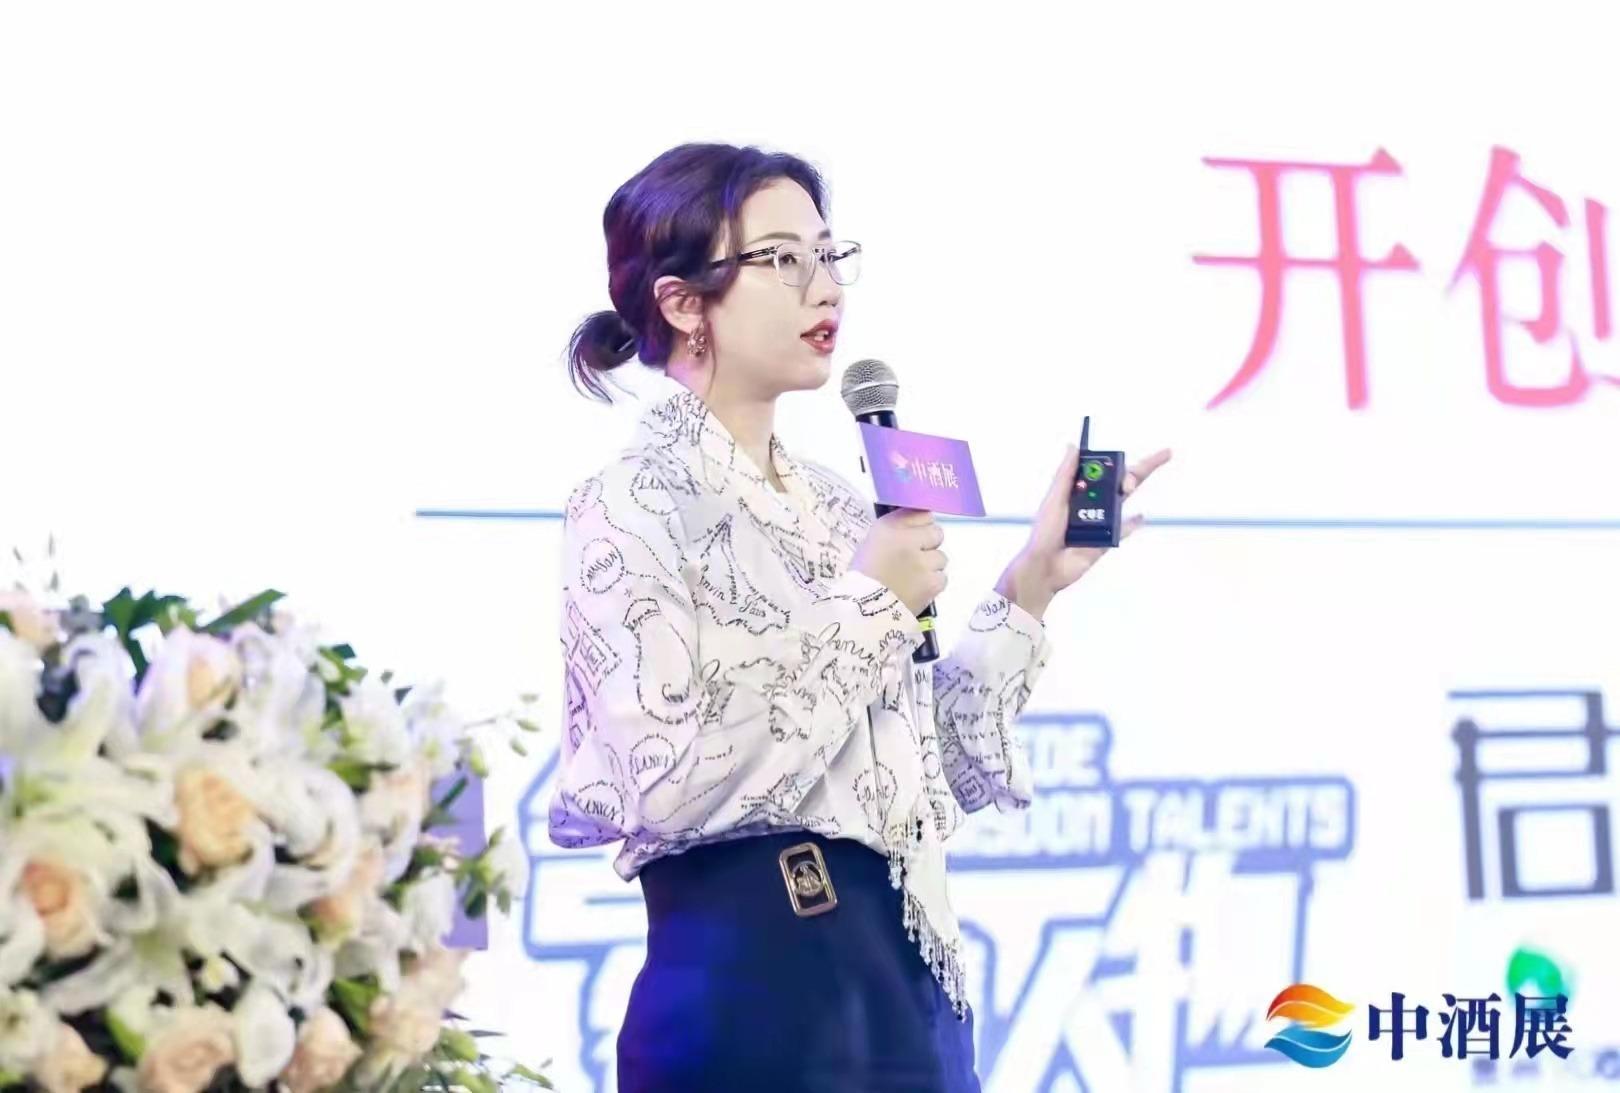 凤凰网薛珍:把内容作用于媒体,用IP打开酒业营销的任意门